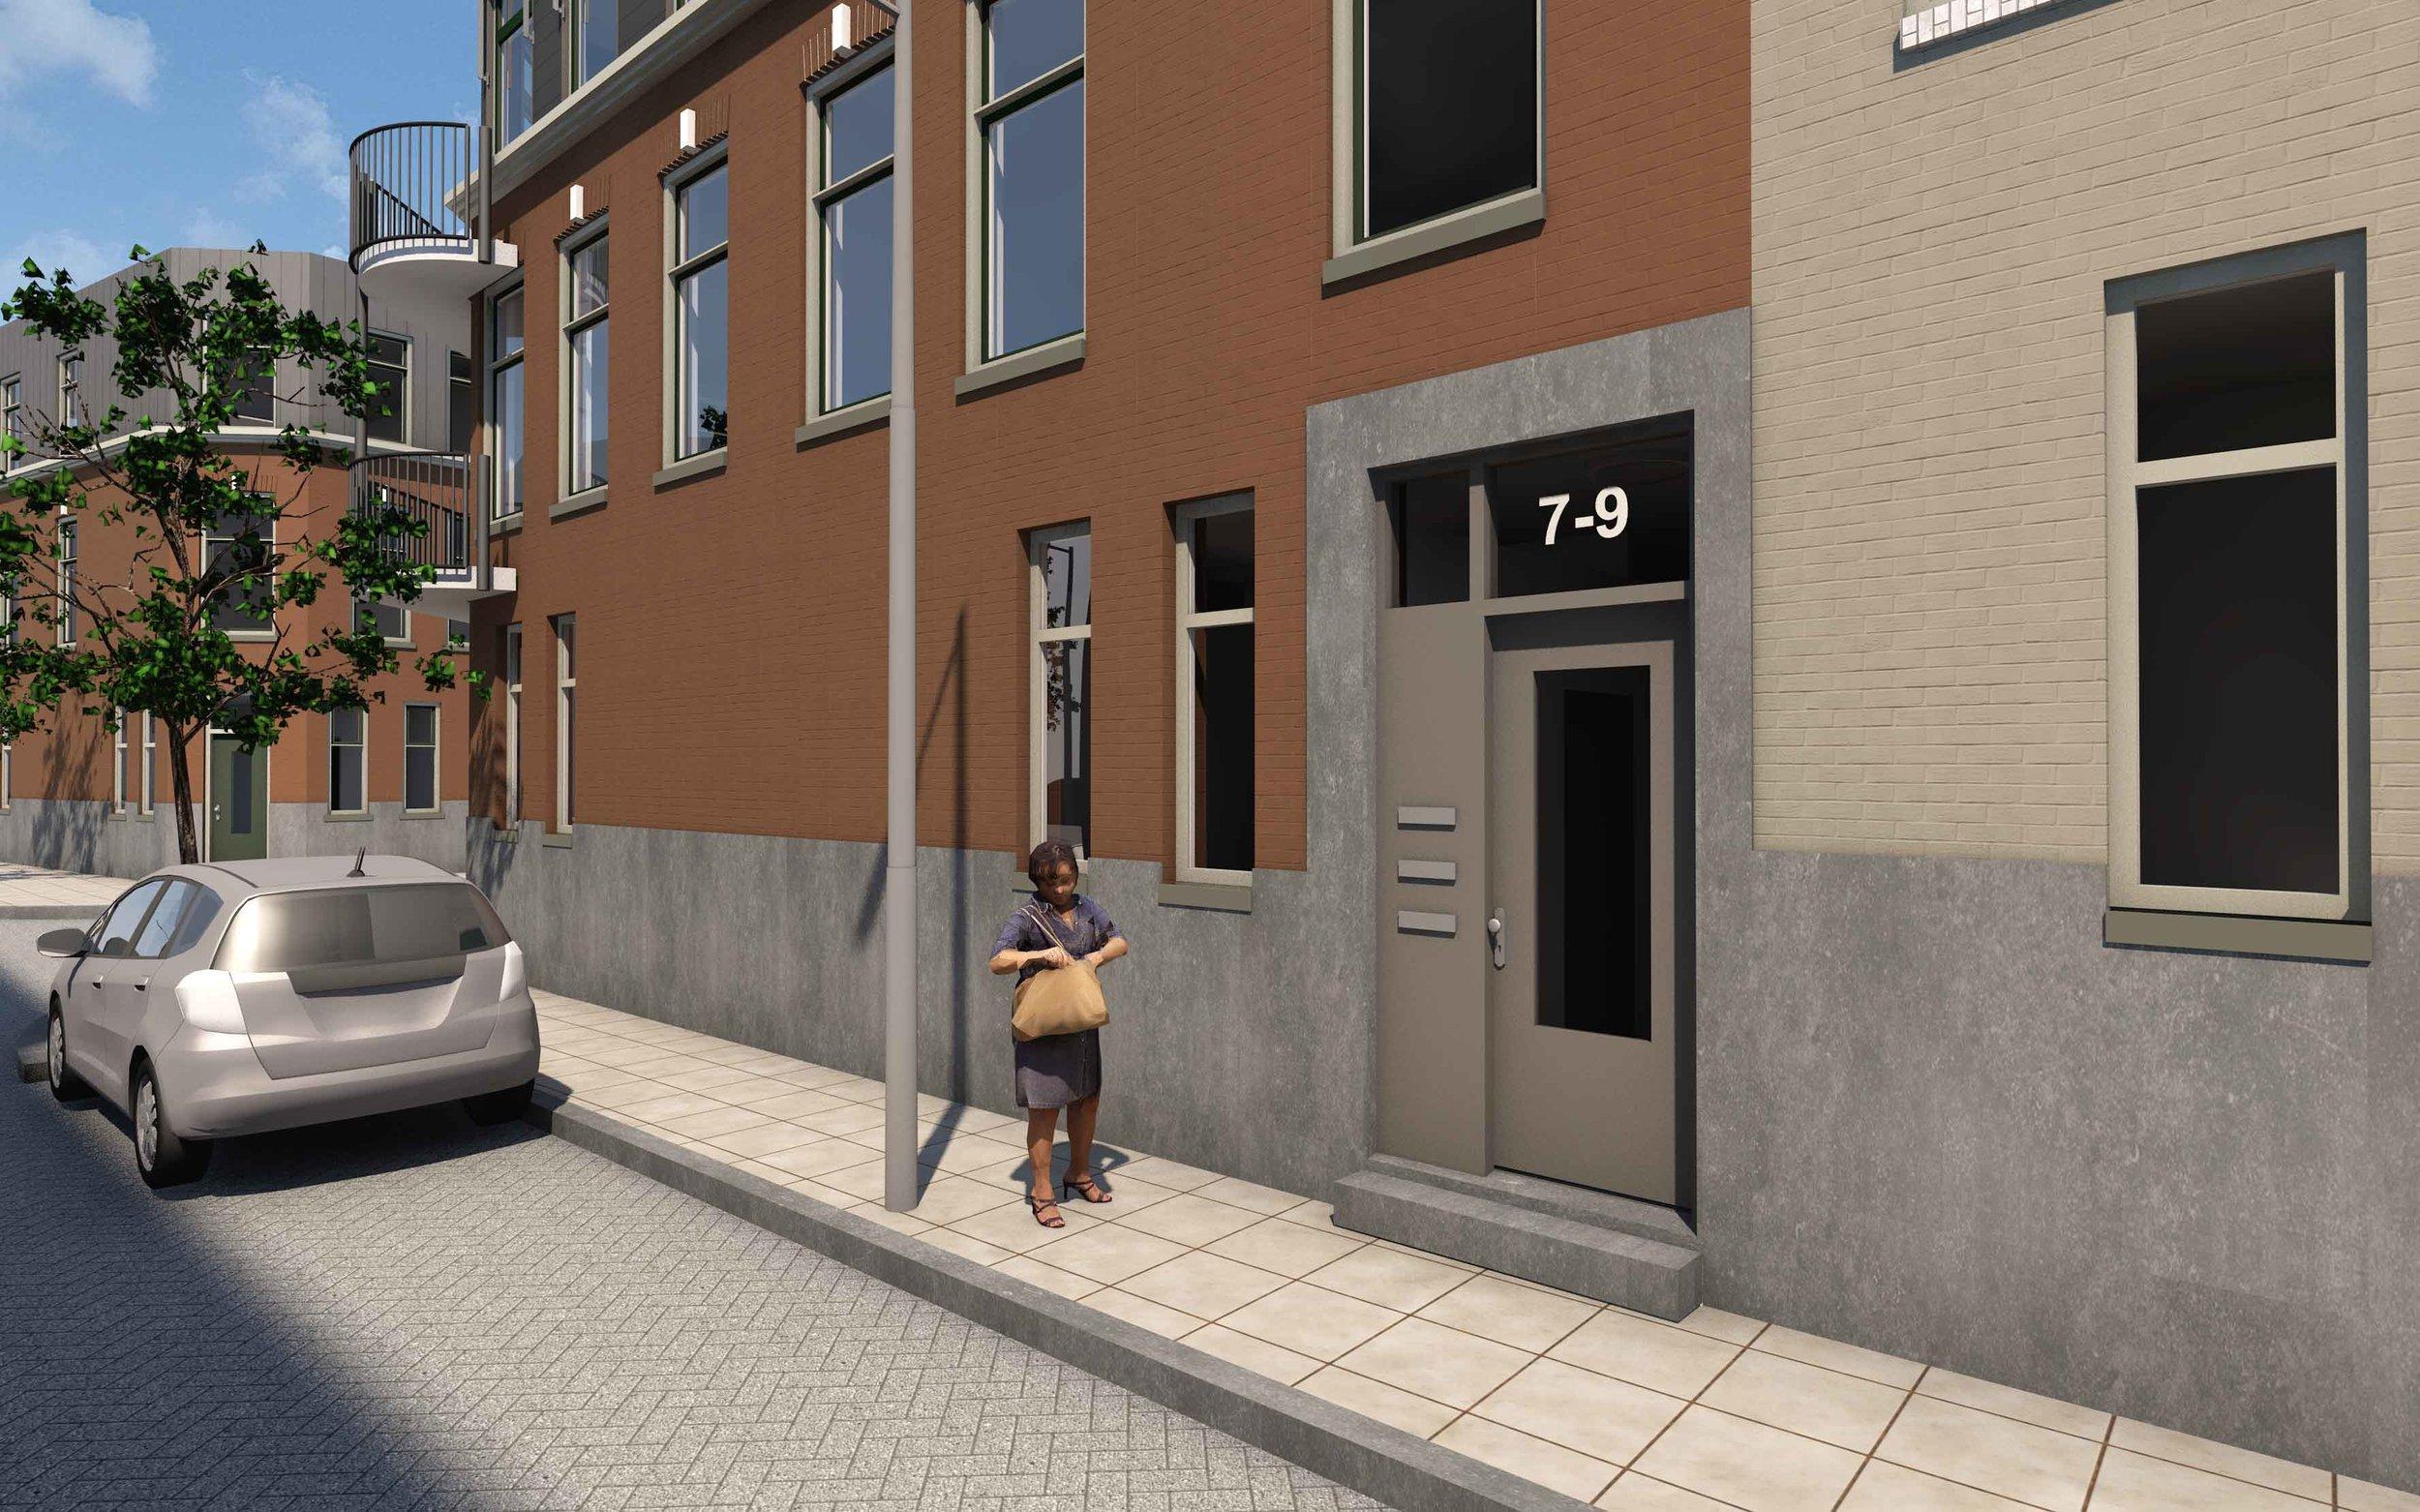 17385 VHR - Ooghoogte - Vd. Hilststraat - Entree Type D - Bewerkt.jpg